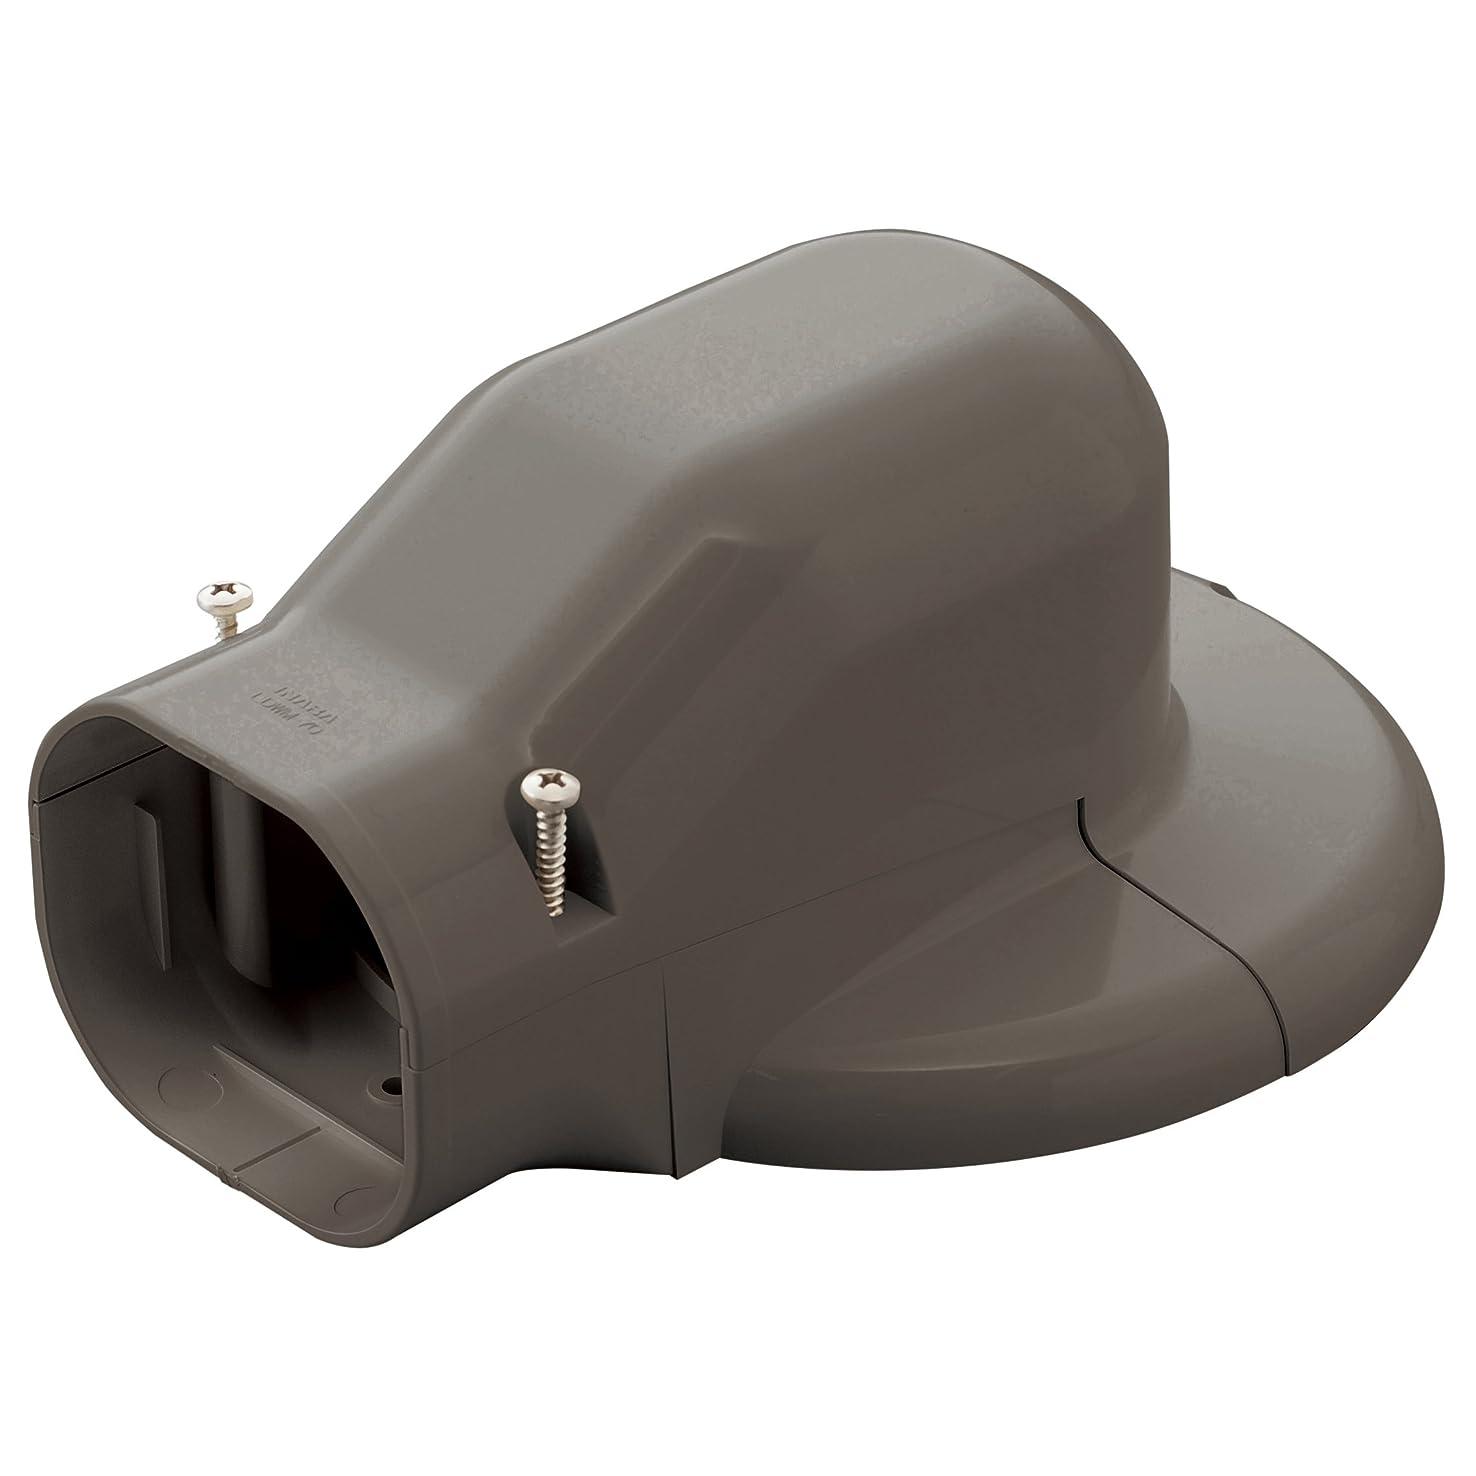 格差ペダル人類因幡電工 配管化粧カバー ウォールコーナーエアコンキャップ用 壁面取り出し ブラウン LDWM-70-B